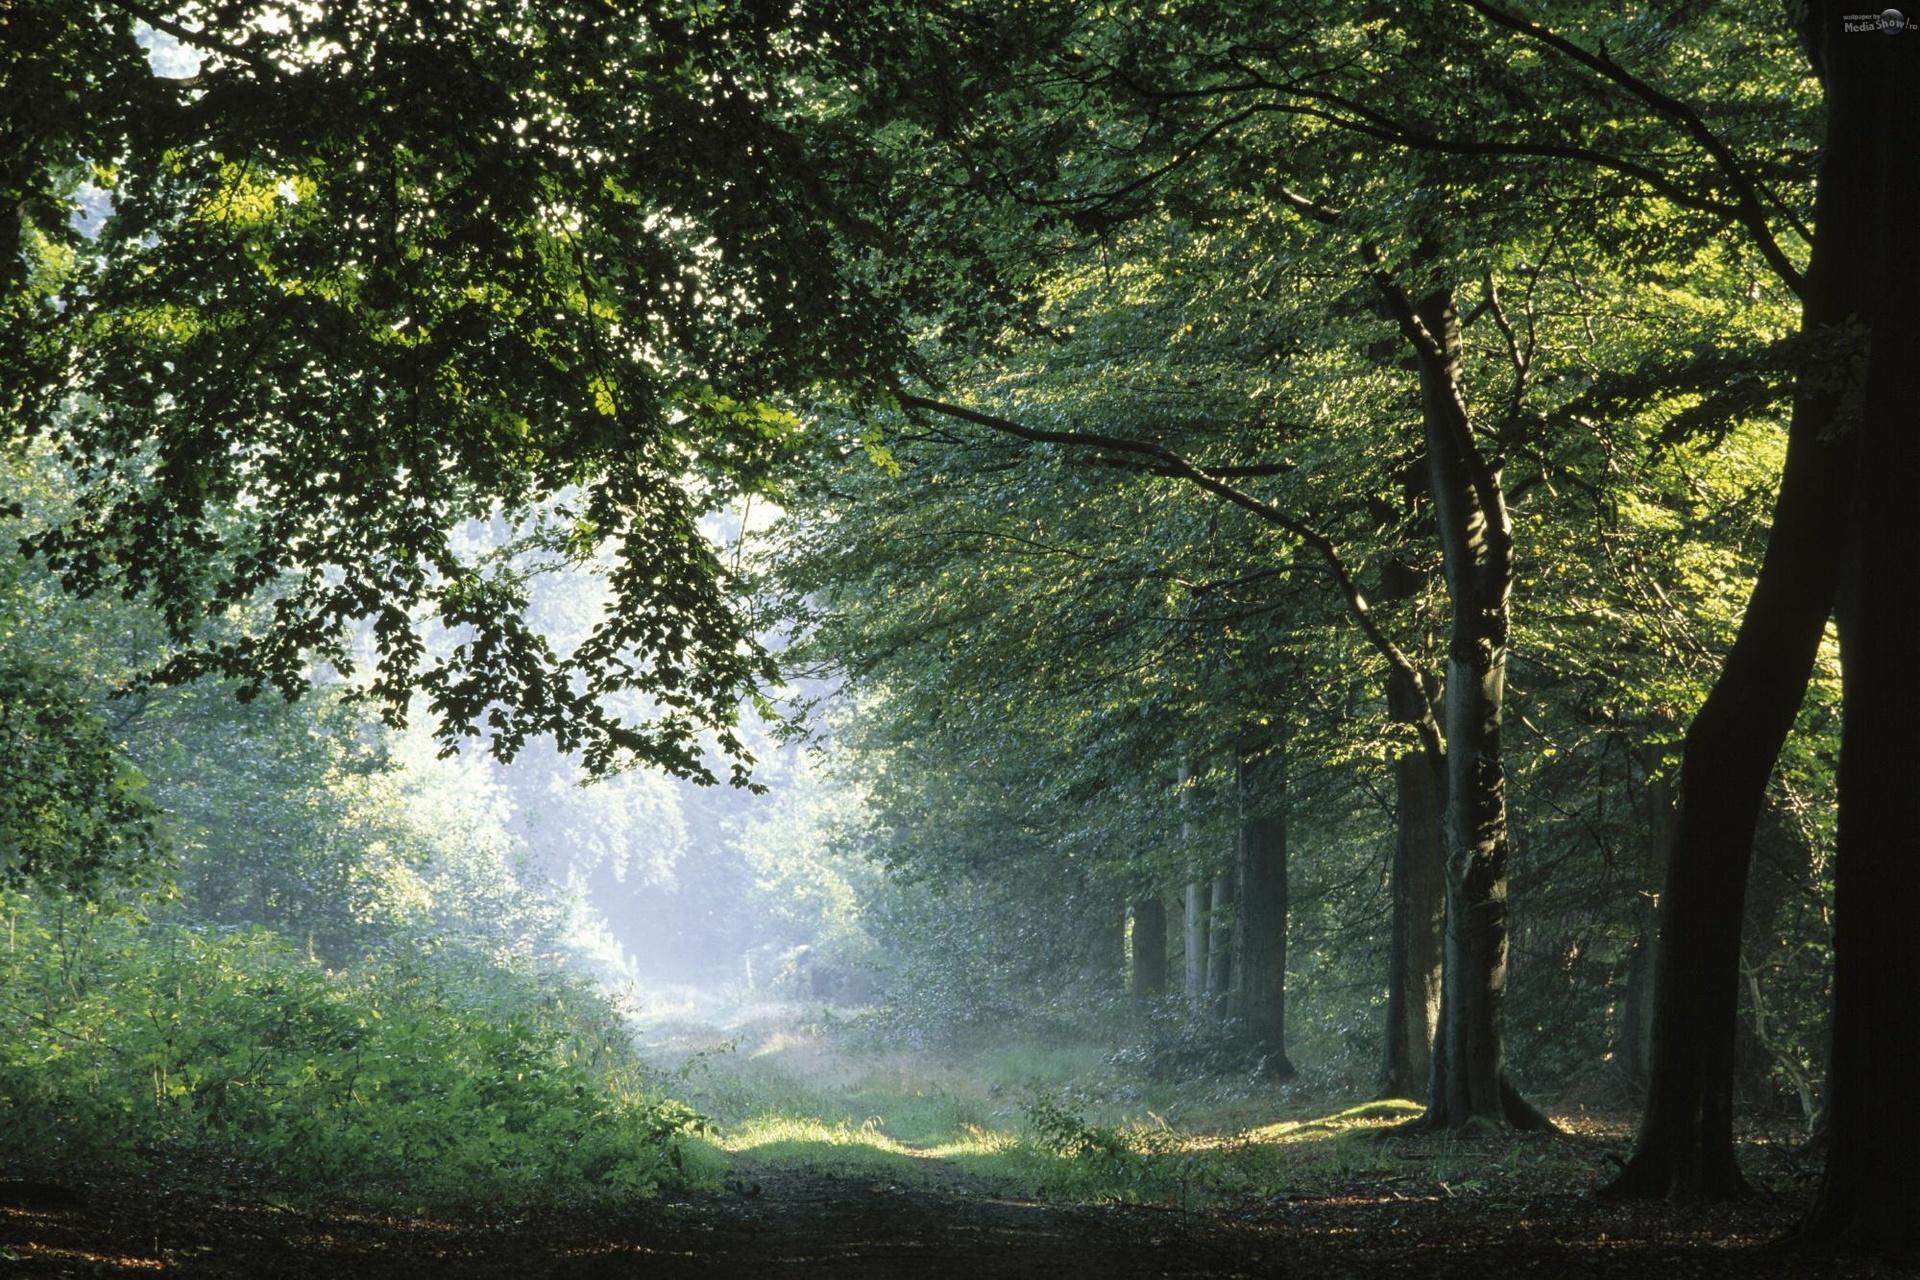 http://www.mediashow.ro/show/140653-5/Springtime-Forest-Germany.jpg?rndm=pixcynky